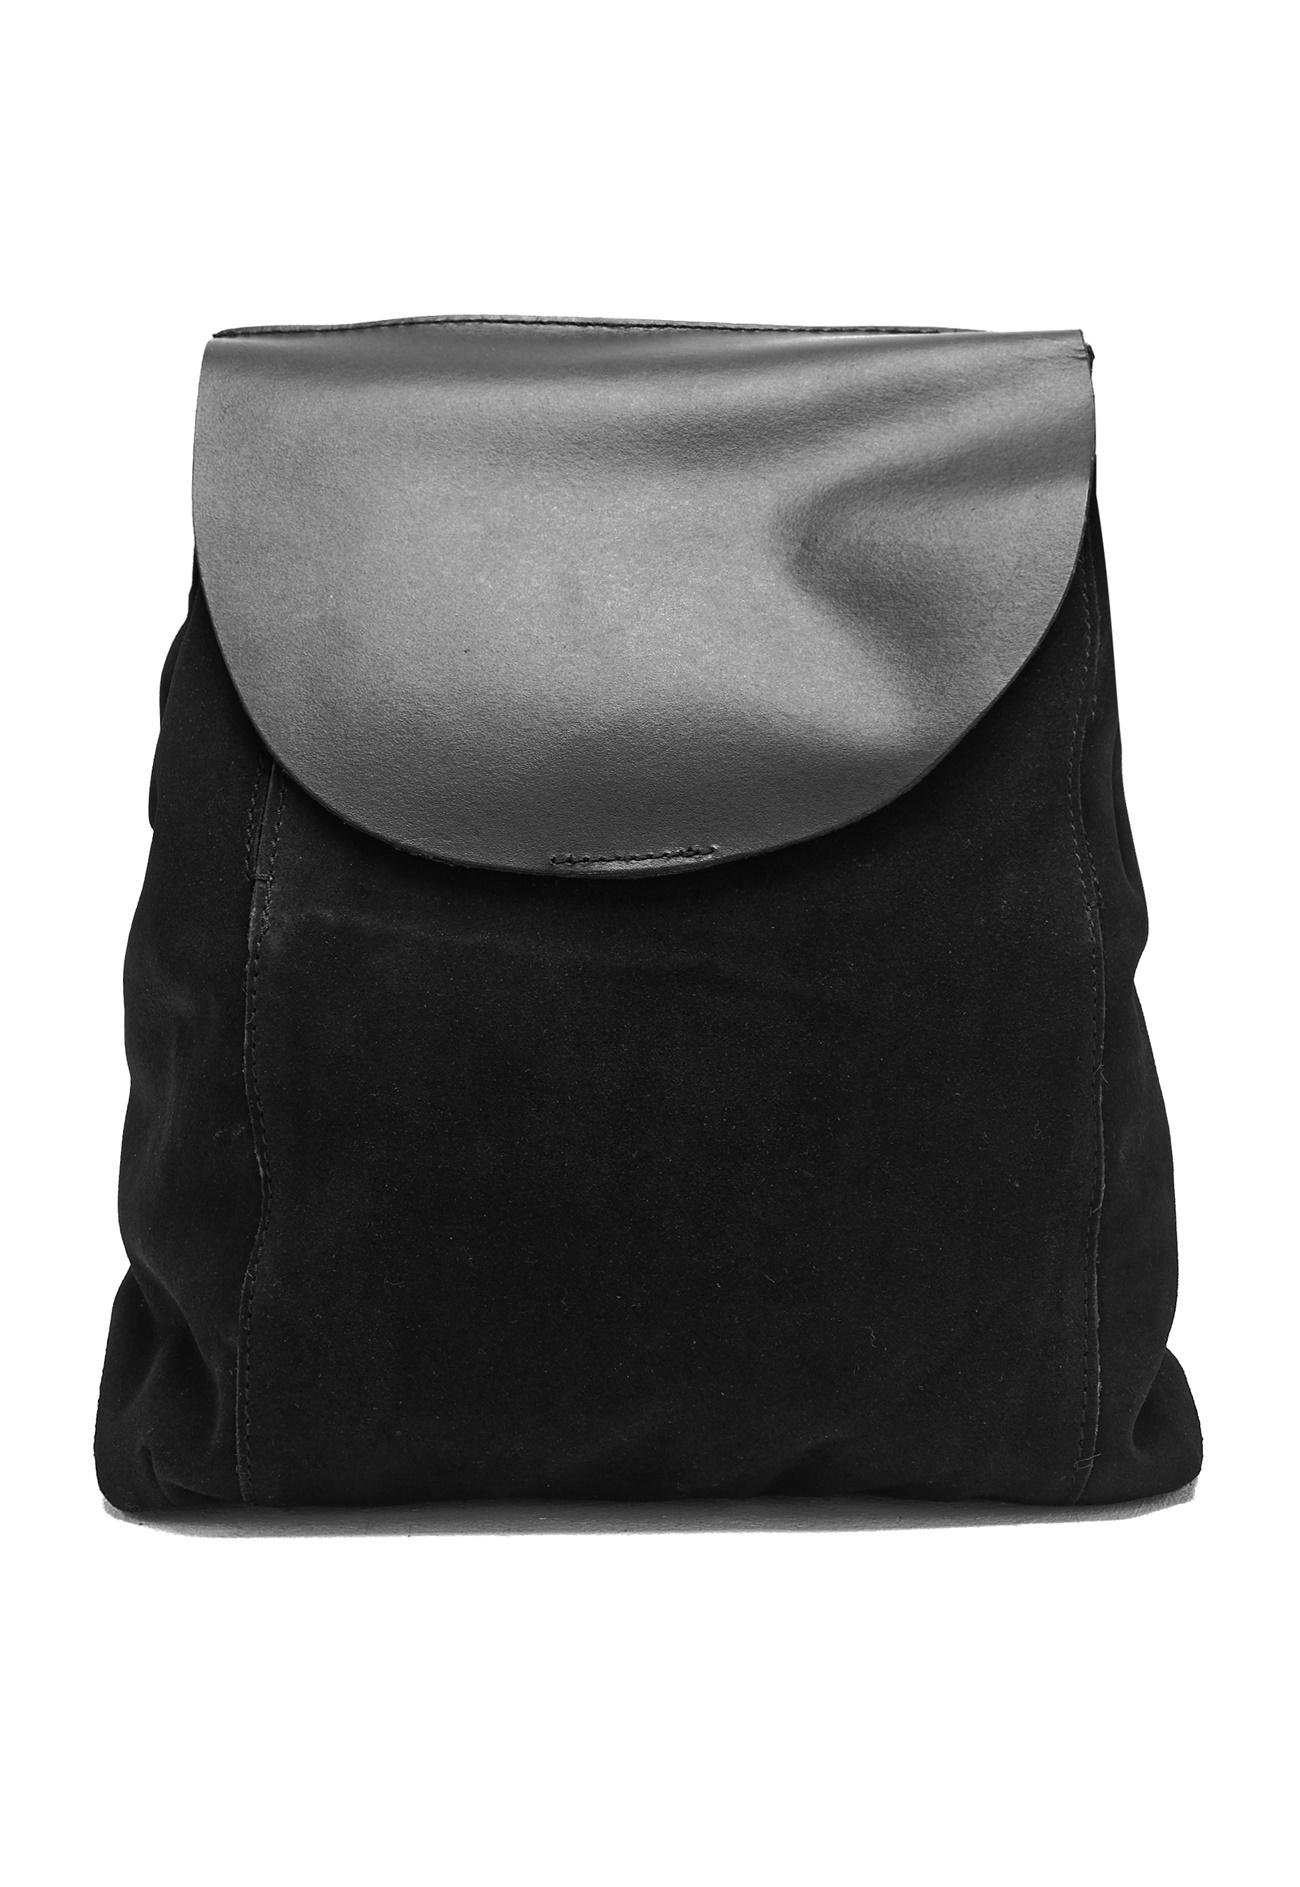 Pieces Laukut Netistä : Pieces vigga suede backpack black bubbleroom